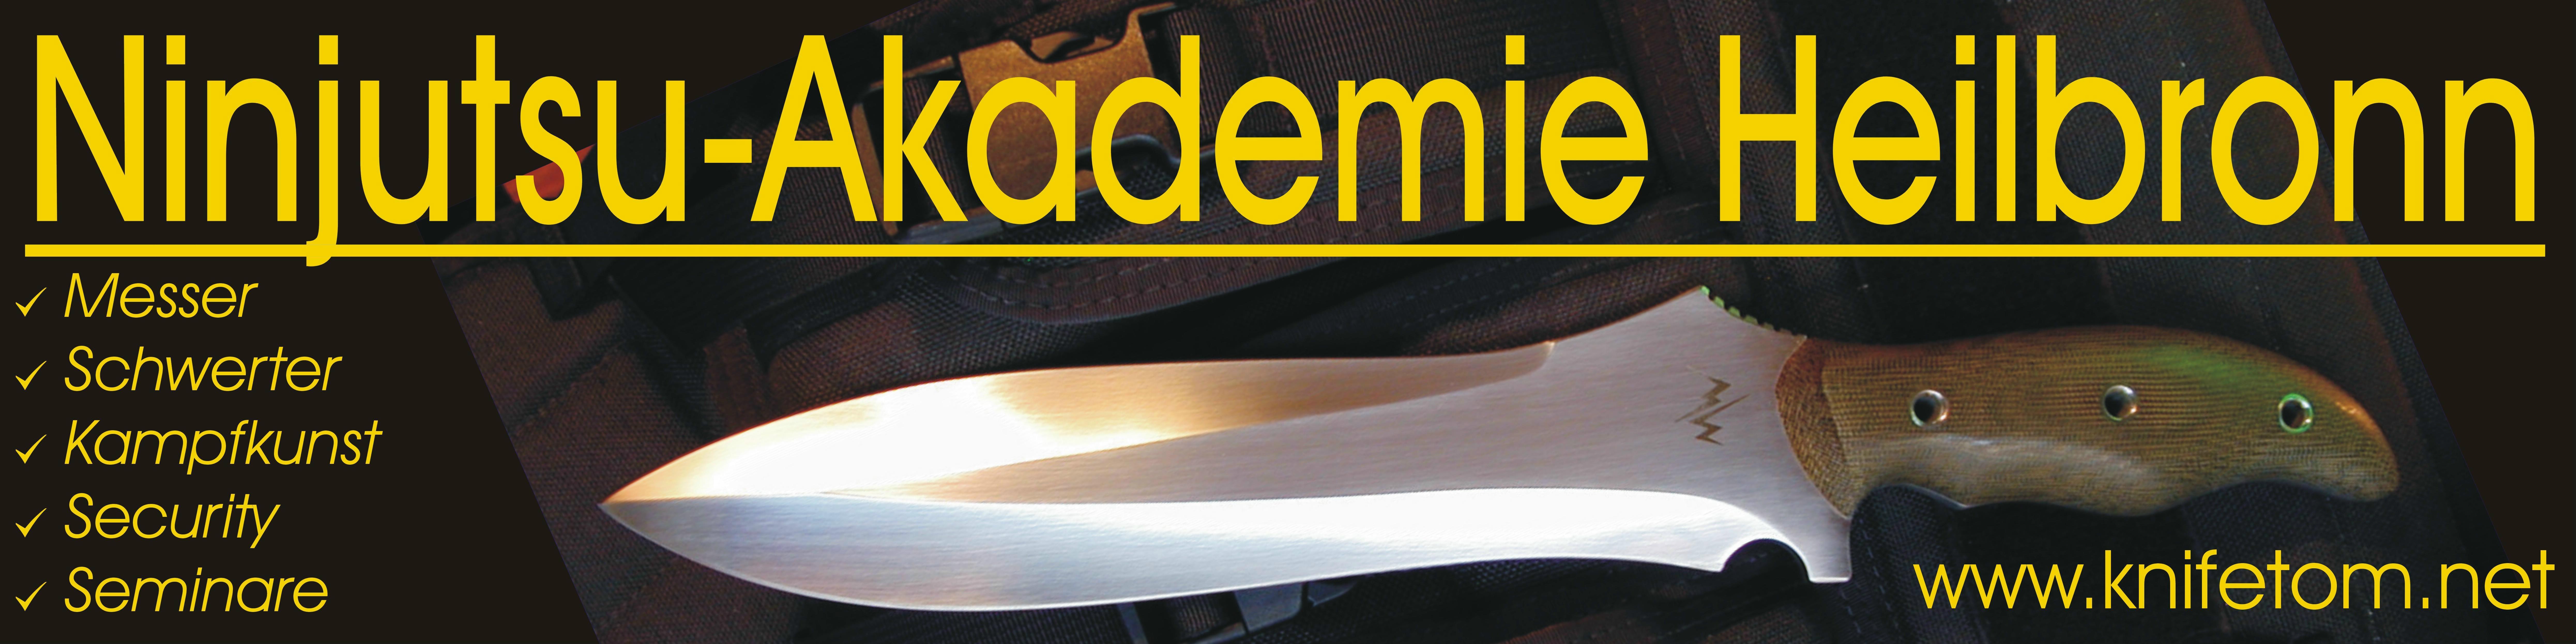 knifetom.net-Logo